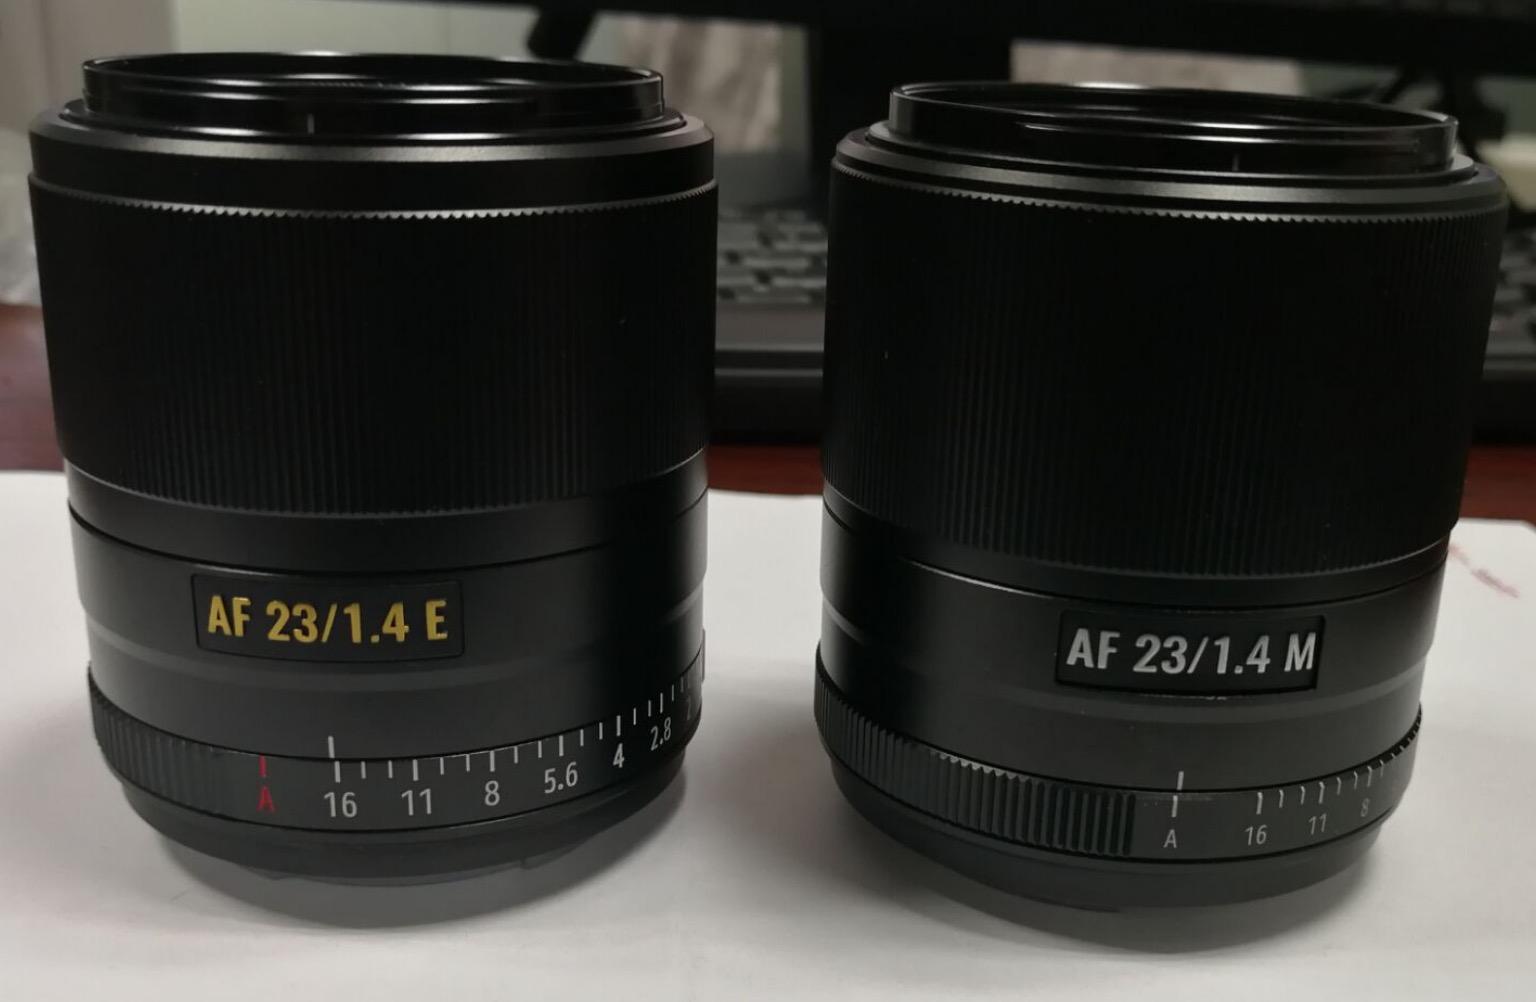 Объективы Viltrox 23mm f/1.4 E и Viltrox 23mm f/1.4 M